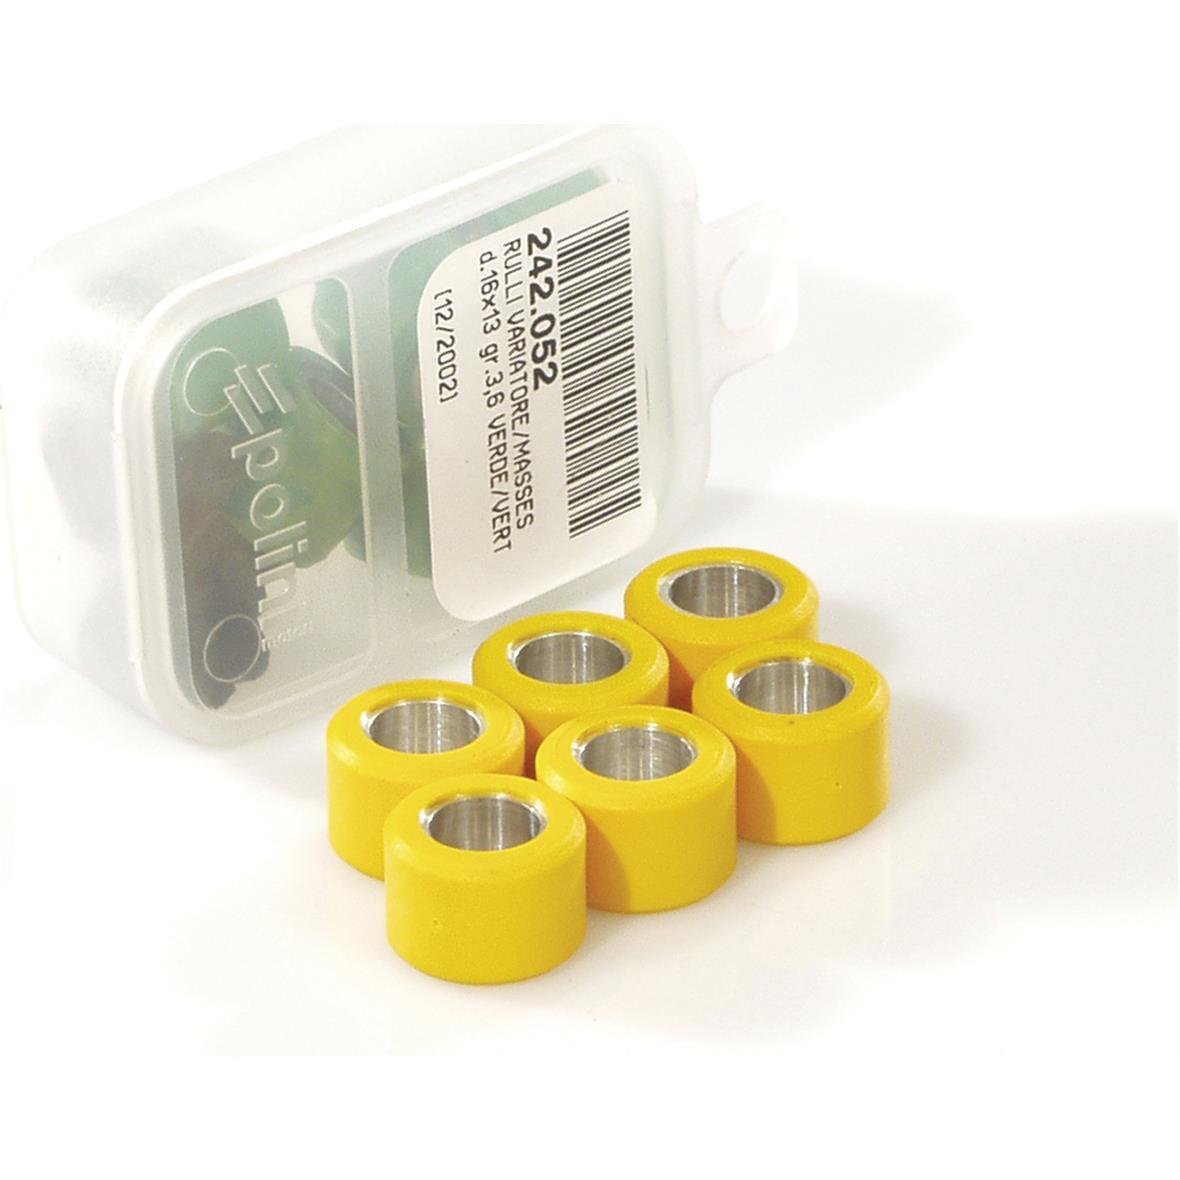 Productafbeelding voor 'Variateur Rollen POLINI 17x12 mm 3,7 gramTitle'